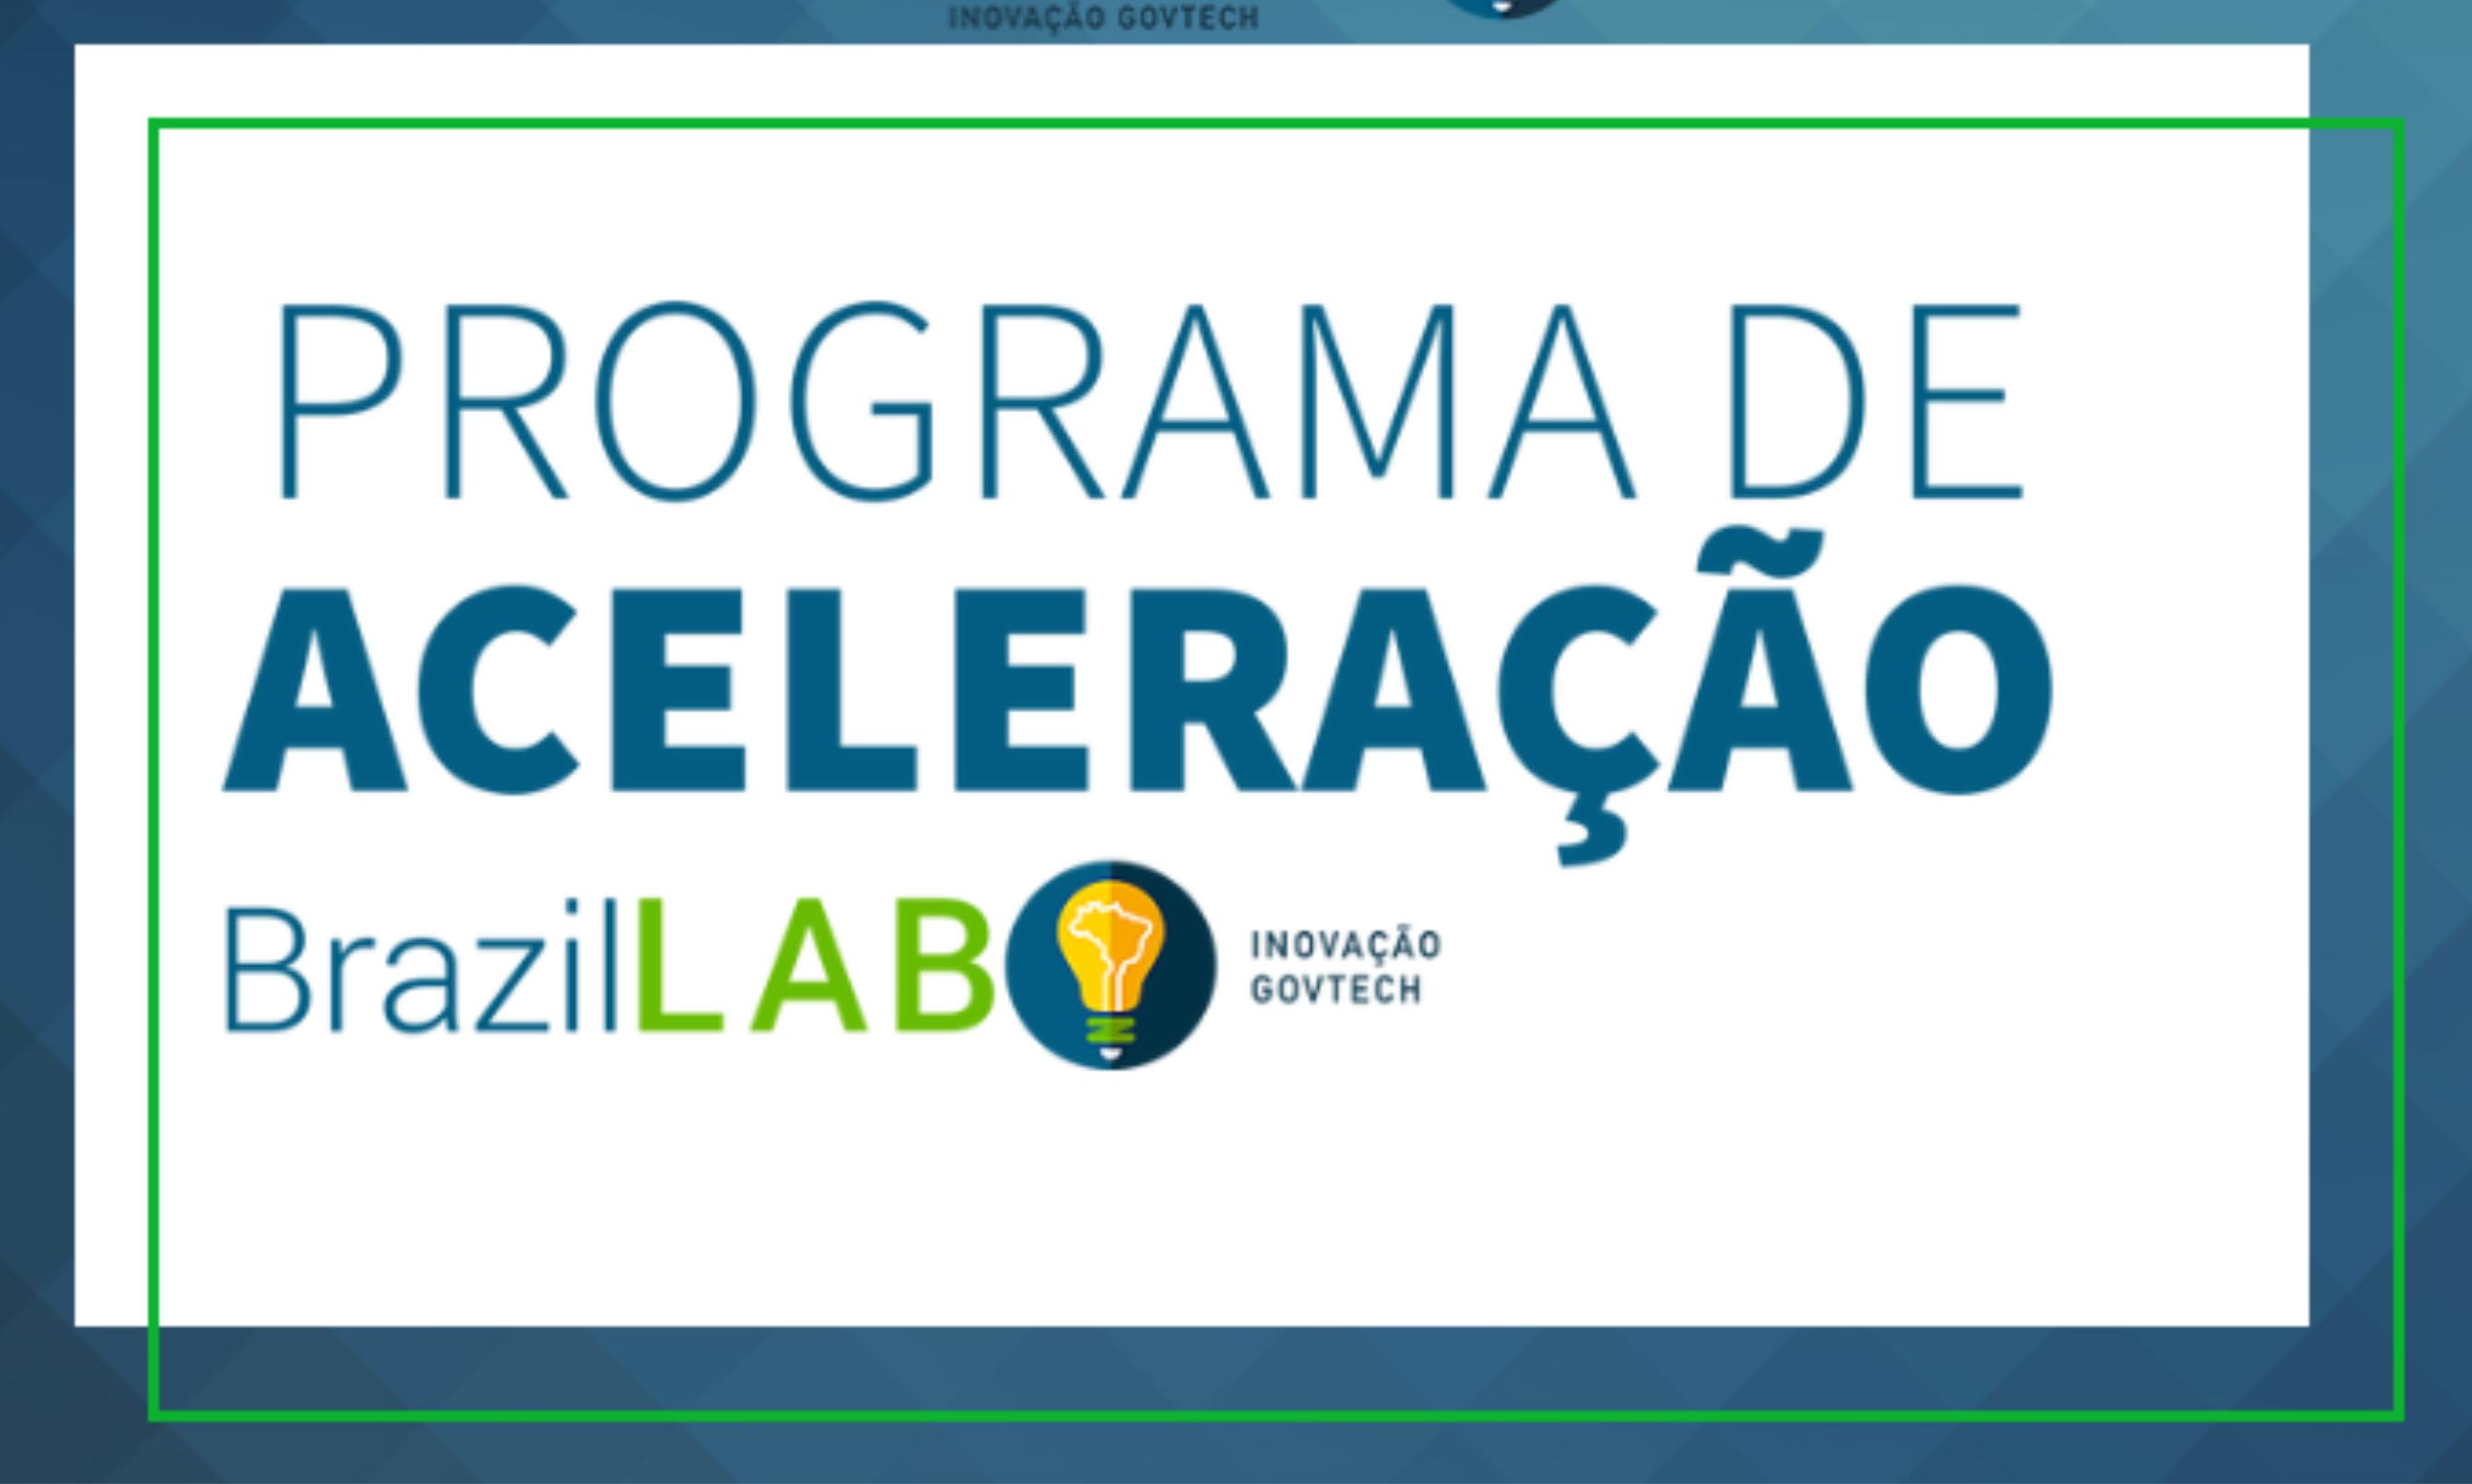 Programa de Aceleração BrazilLAB